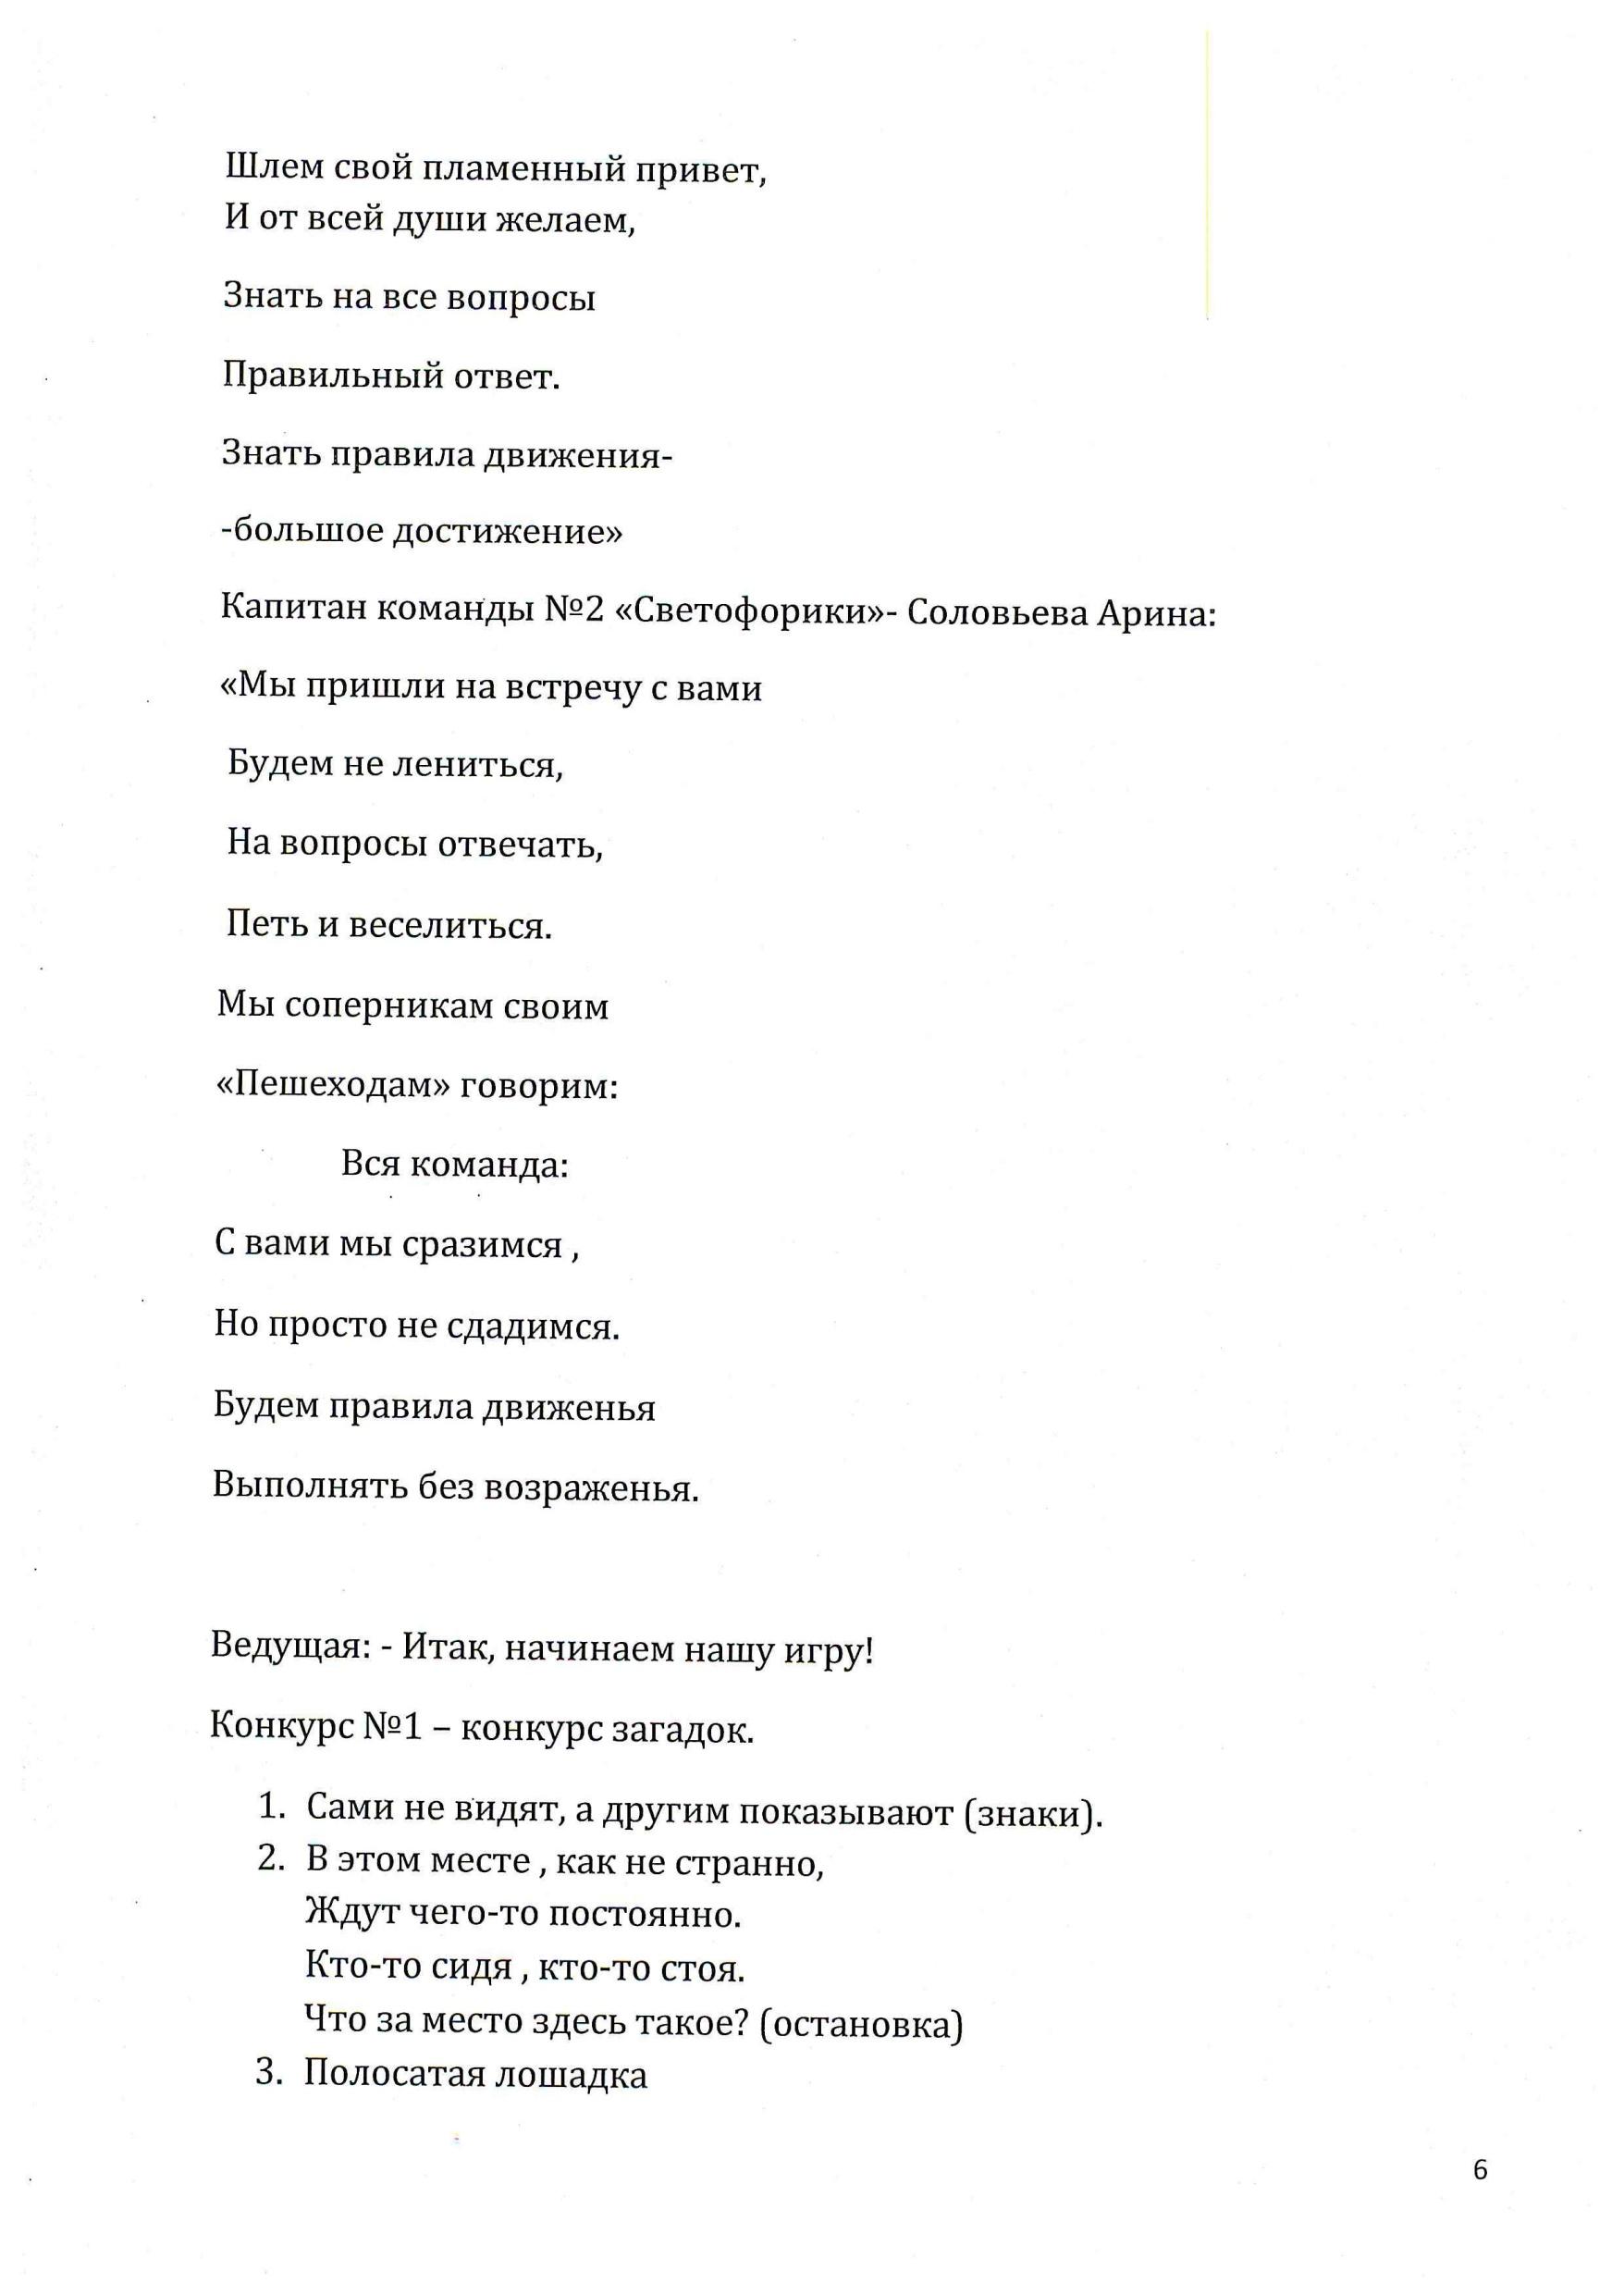 G:\Скан\Скан новый\doc03587120160116095909_006.jpg